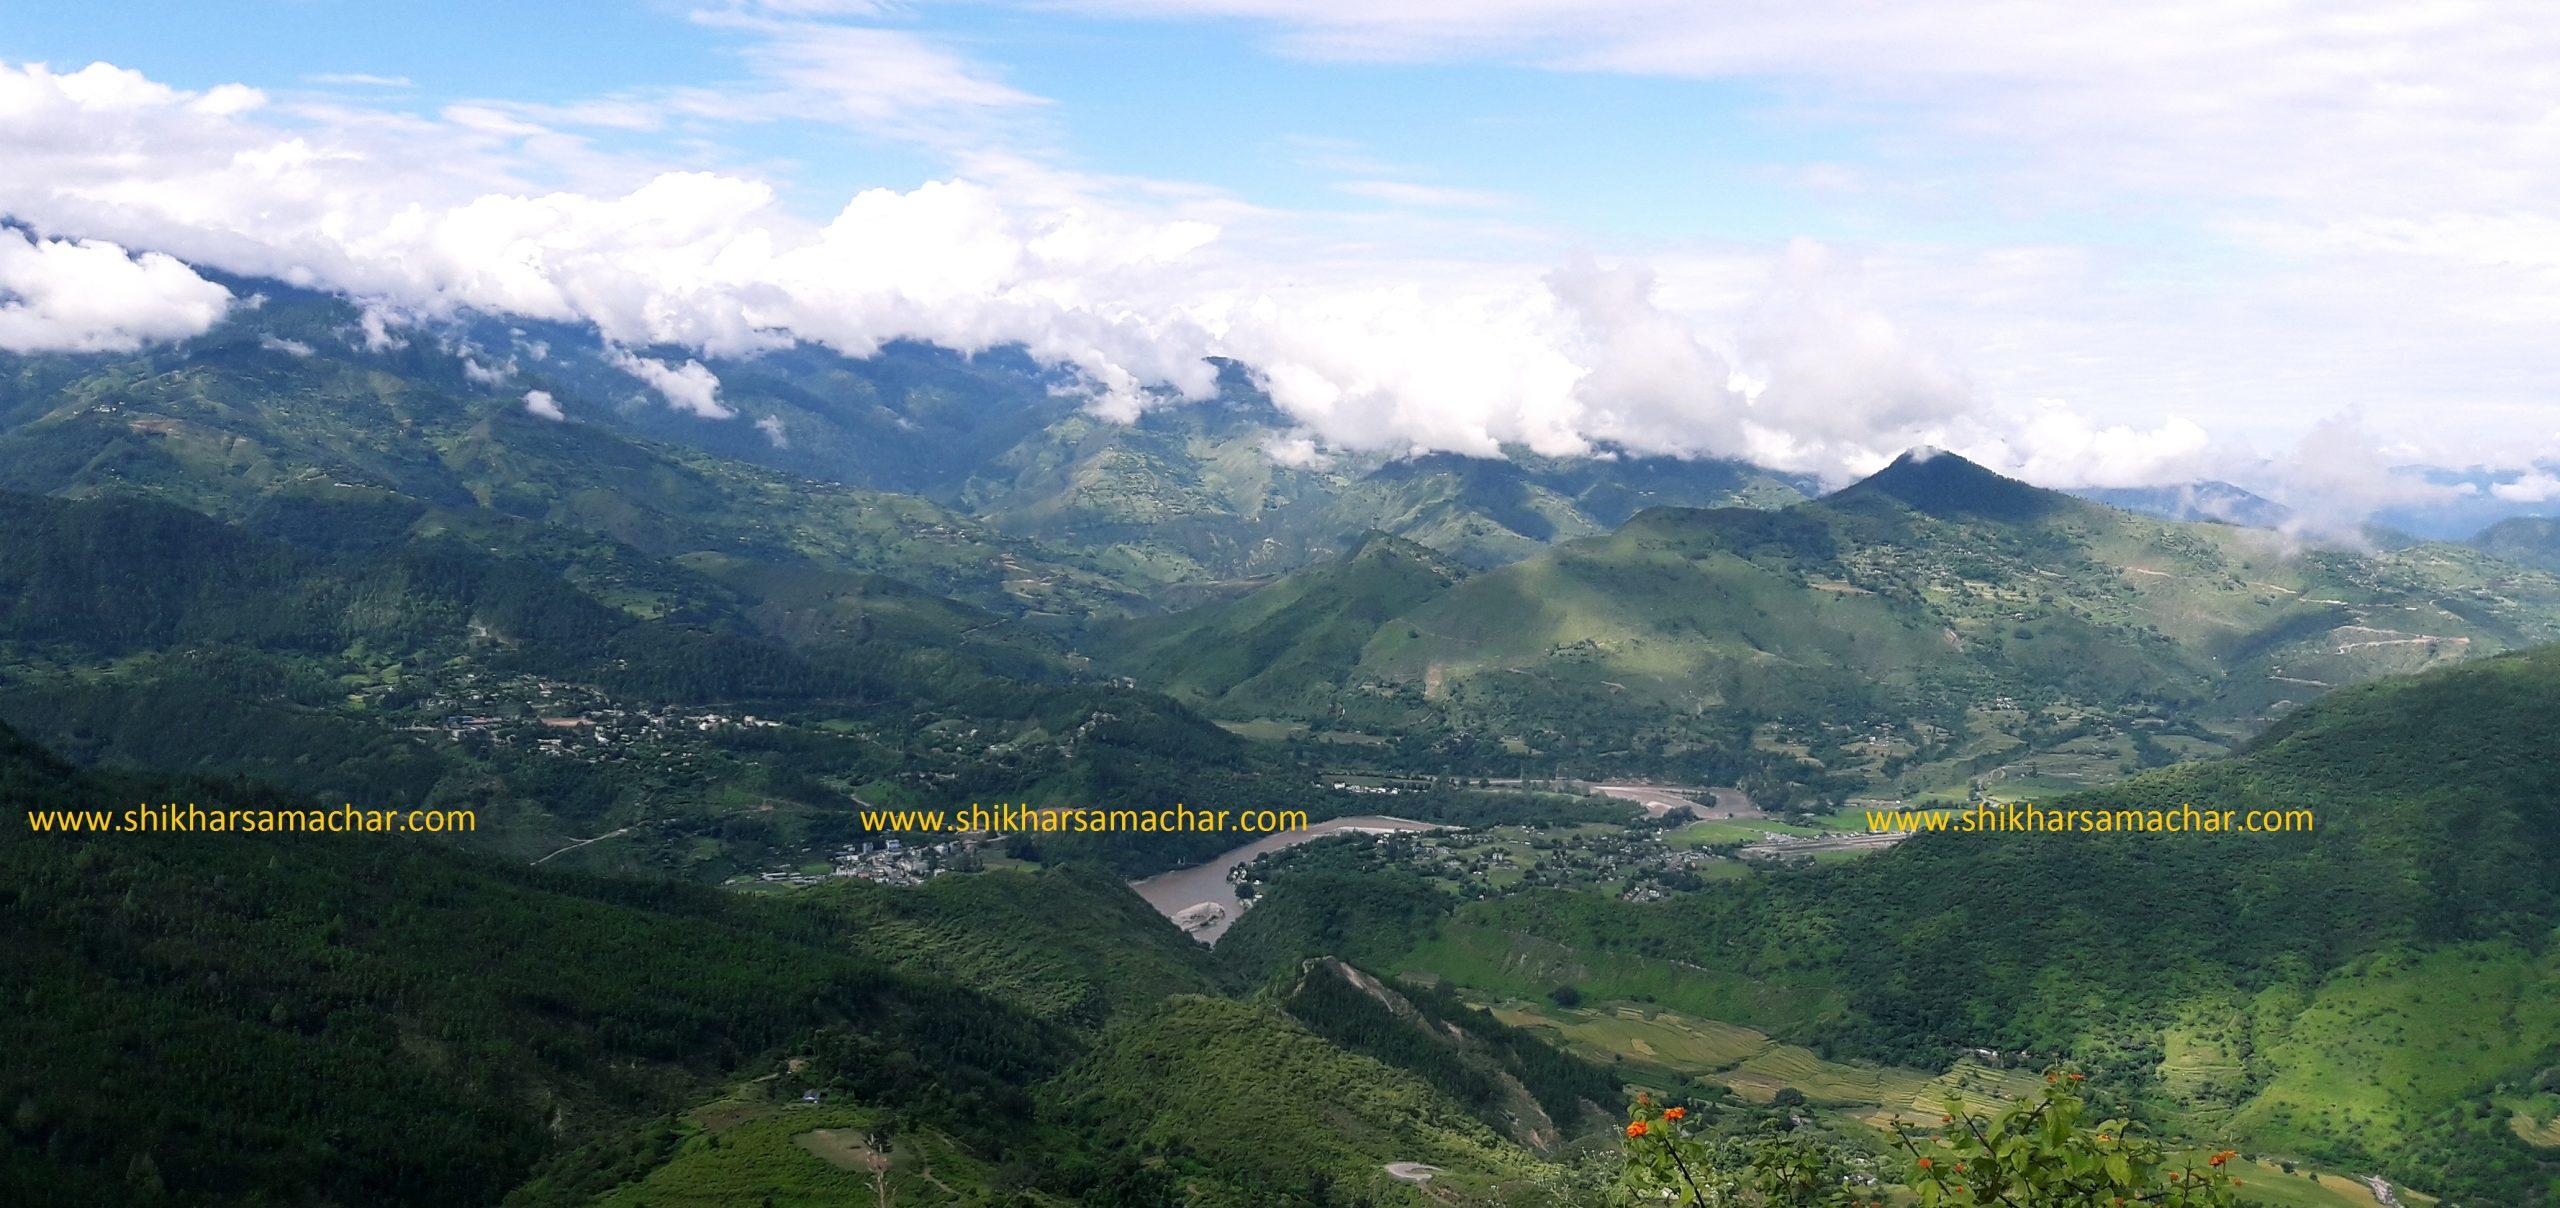 तराईमा कोरोना संक्रमण: पहाडमा सन्त्रास